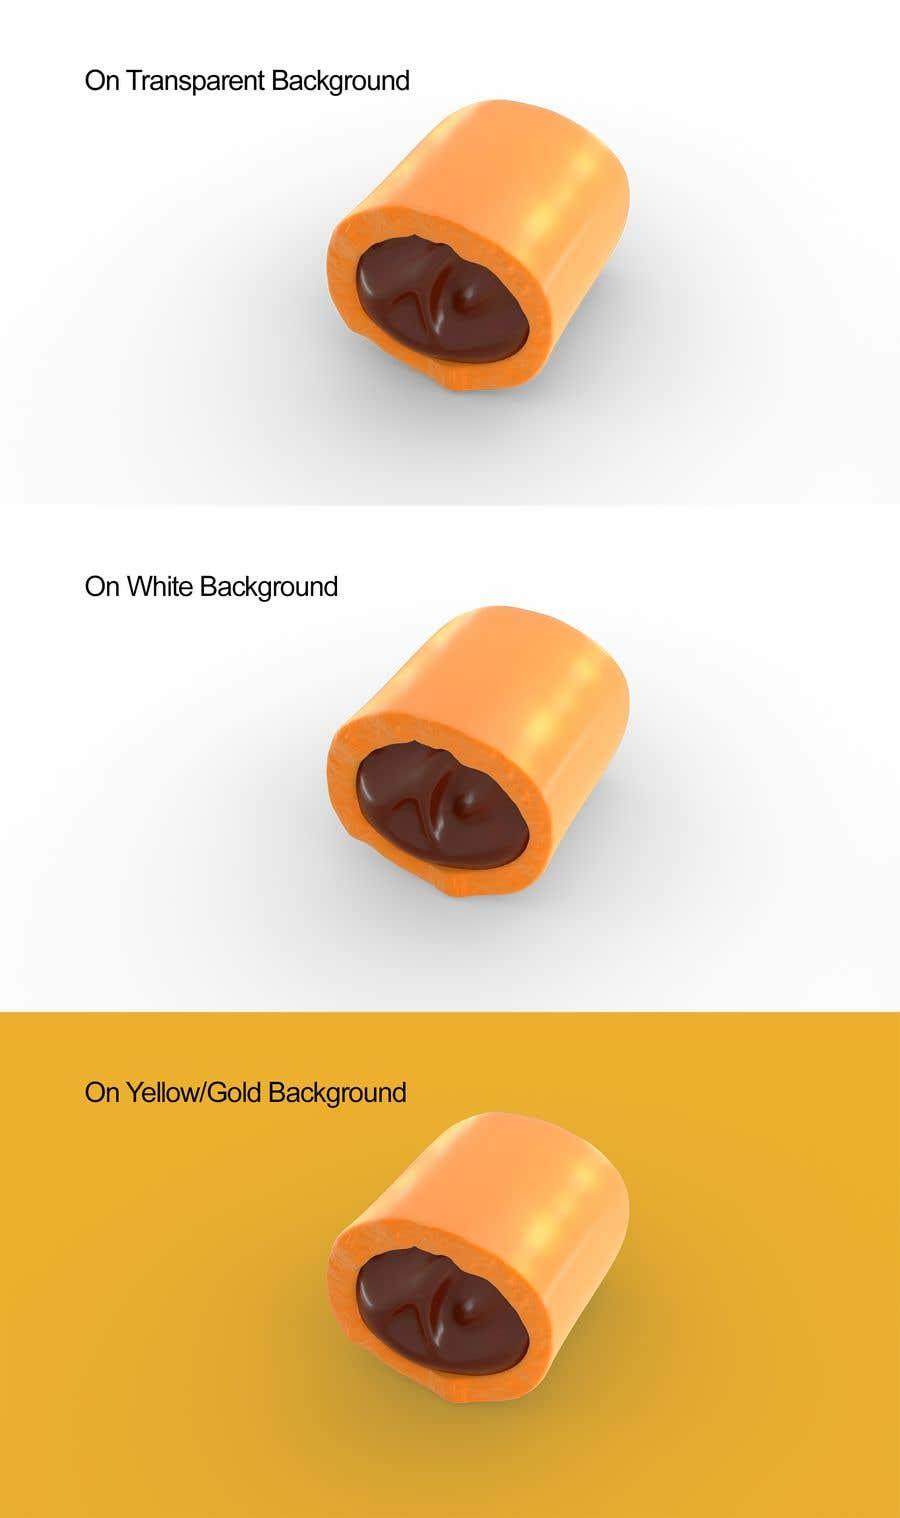 Penyertaan Peraduan #                                        45                                      untuk                                         Realistic 3D render of candy